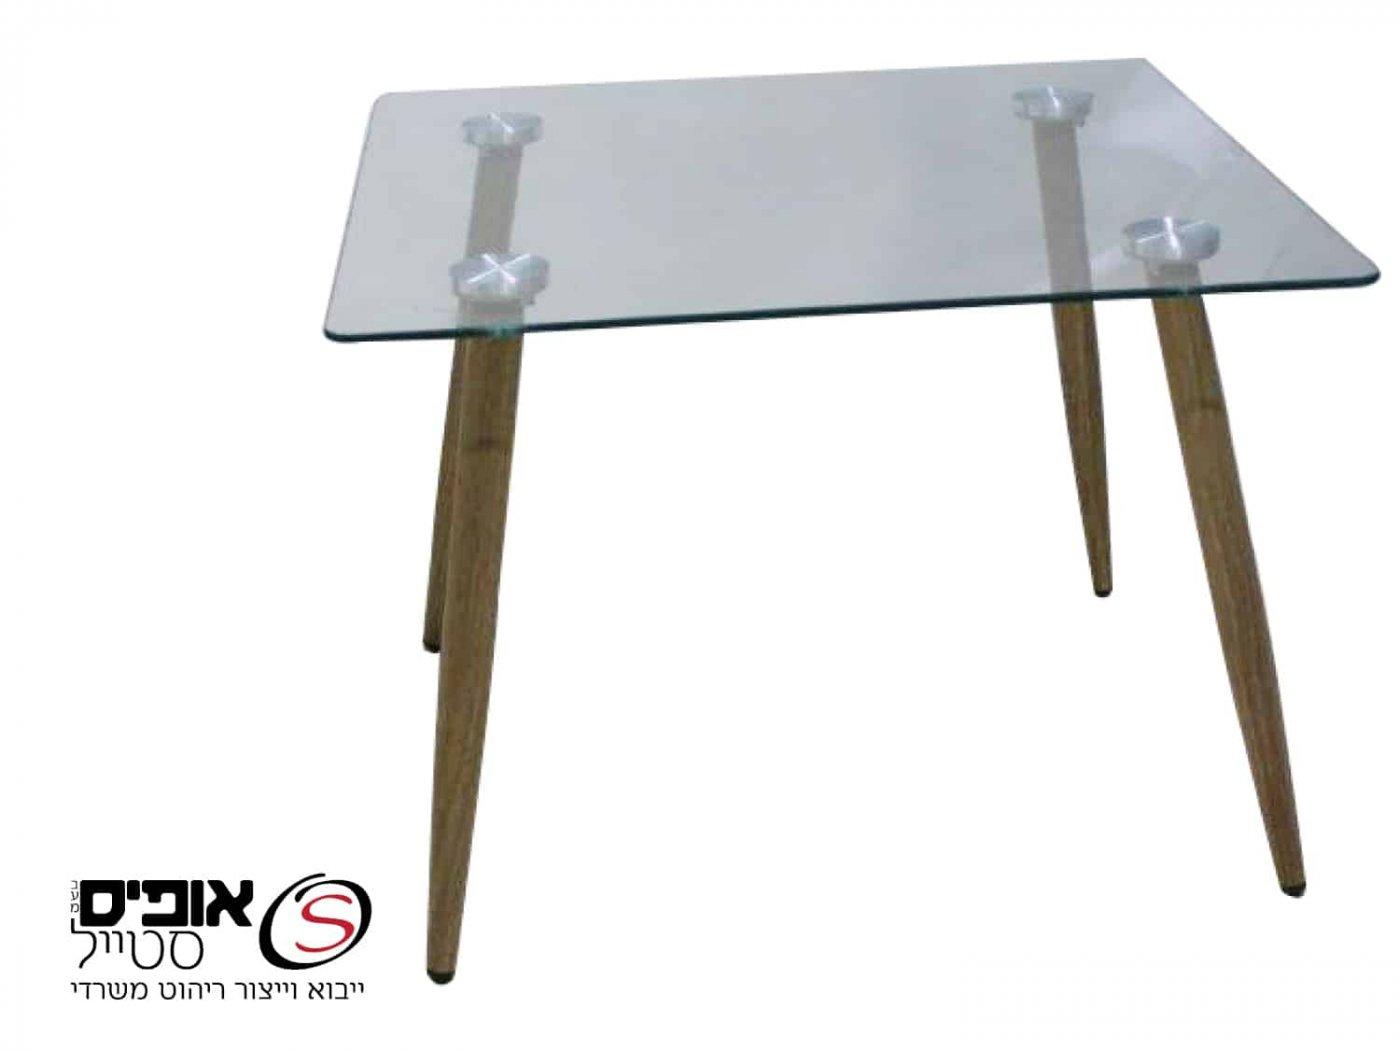 שולחן המתנה דגם נורית